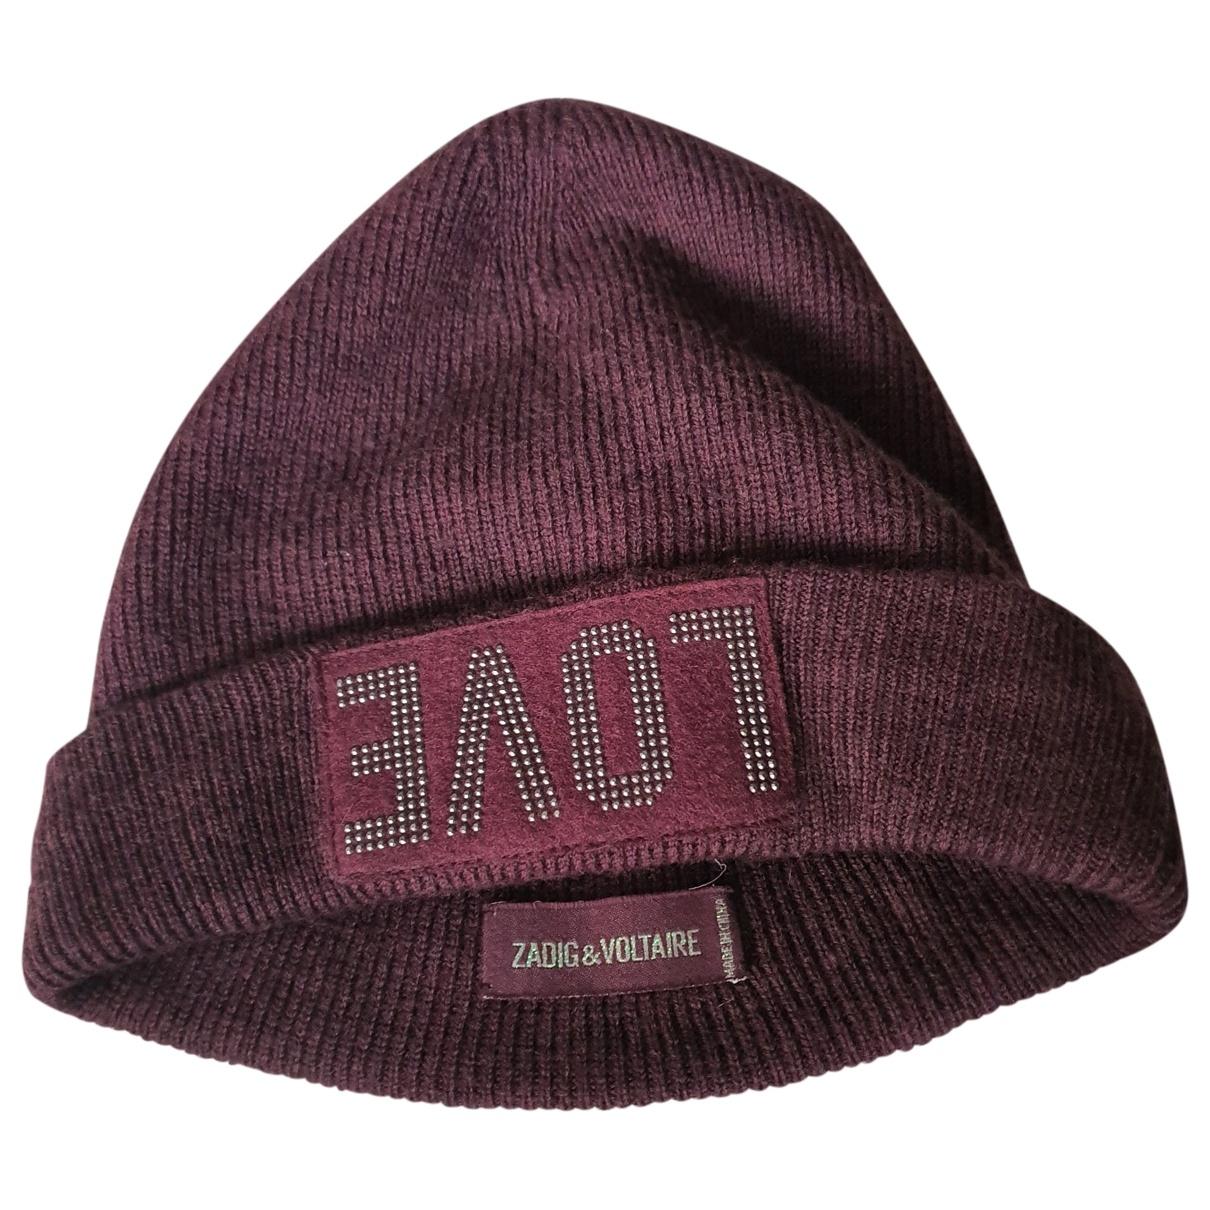 Zadig & Voltaire \N Burgundy Cotton hat for Women S International